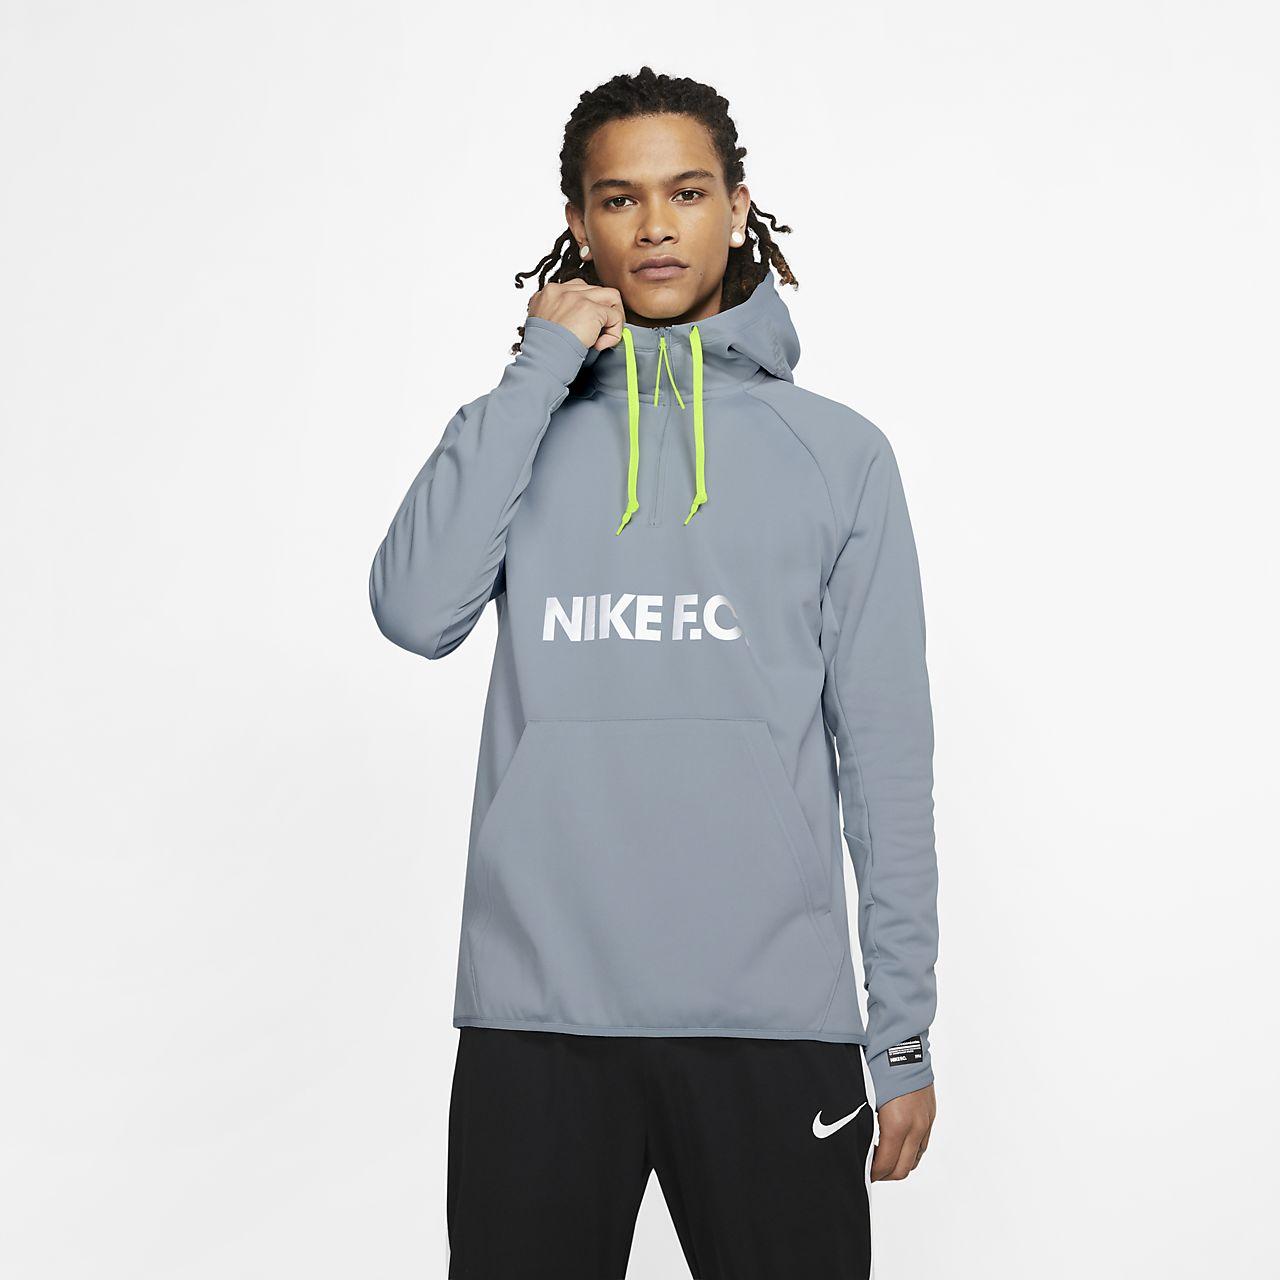 Fotbalová mikina Nike F.C. s kapucí. Nike.com CZ 9faffd35bb1